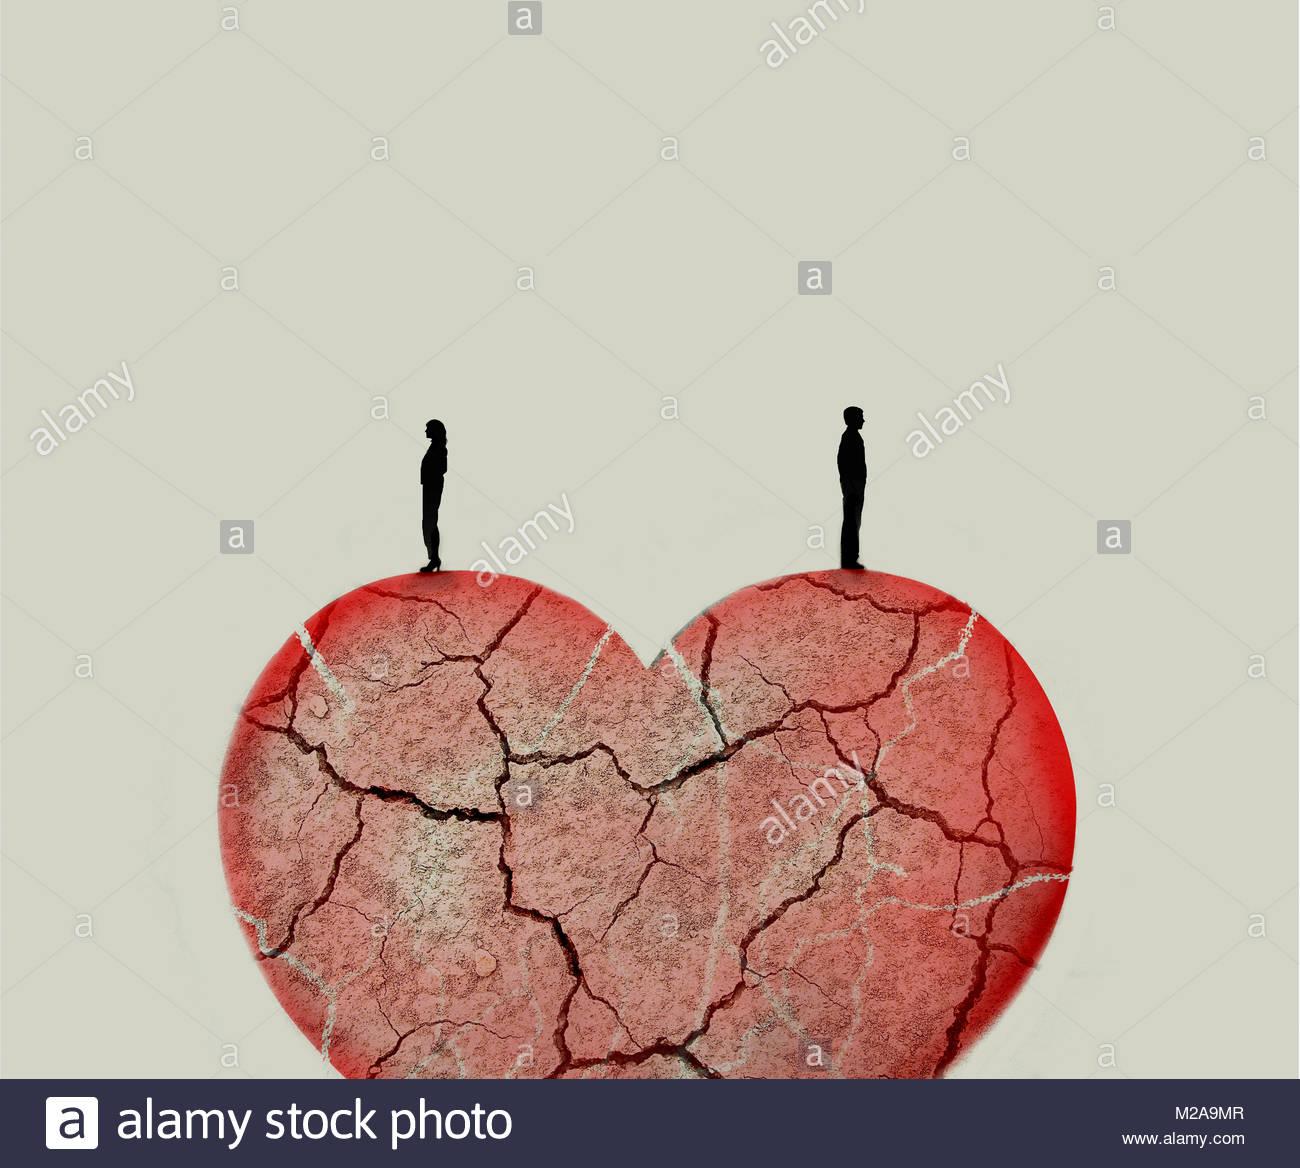 Couple standing on top of broken heart Photo Stock